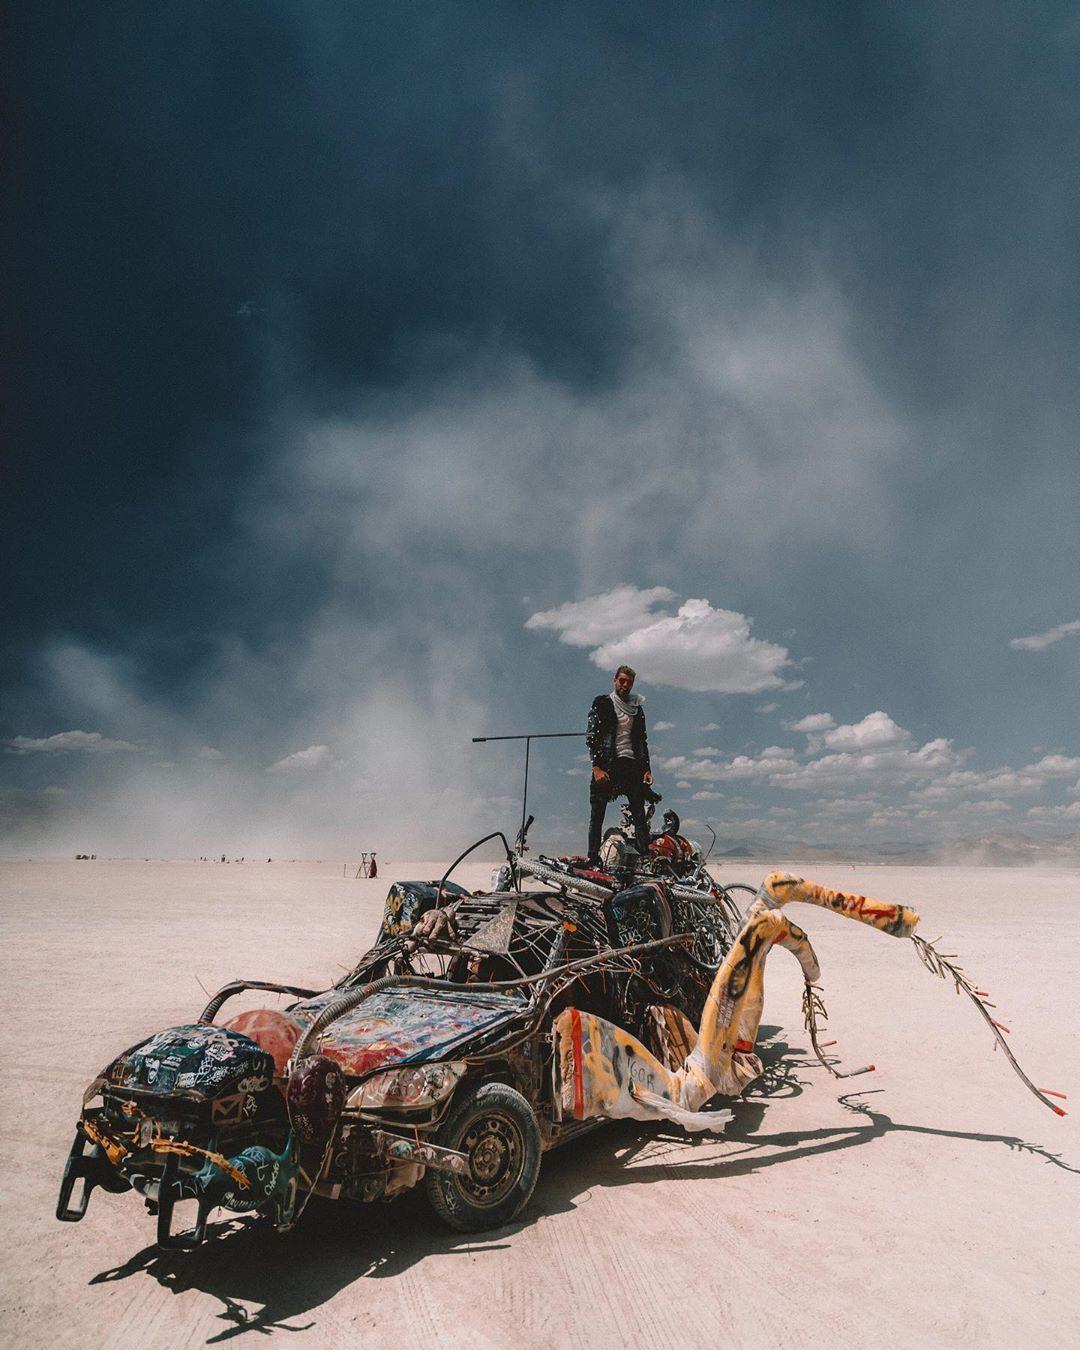 Картинки по запросу burning man 2019